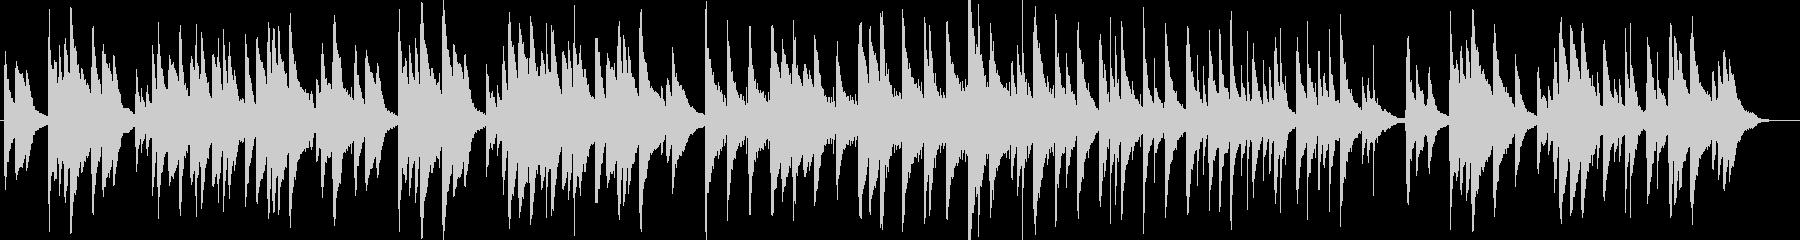 CM Vlogなどせつないピアノ系BGMの未再生の波形